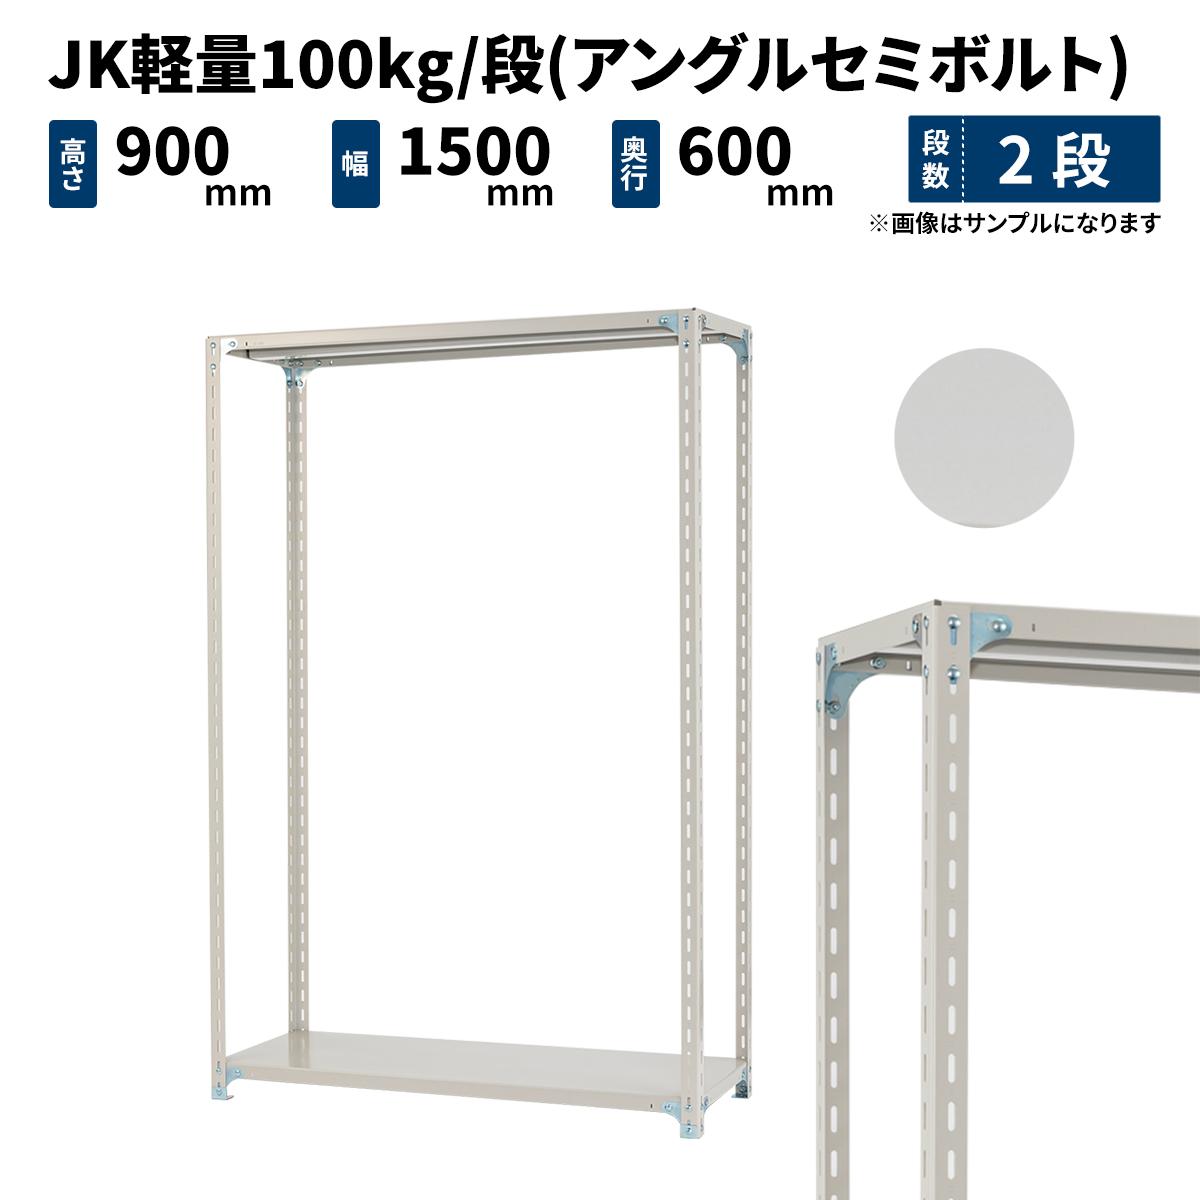 スチールラック 業務用 JK軽量100kg/段(アングルセミボルト) 高さ900×幅1500×奥行600mm 2段 ホワイトグレー (25kg) JK100ST-091506-2